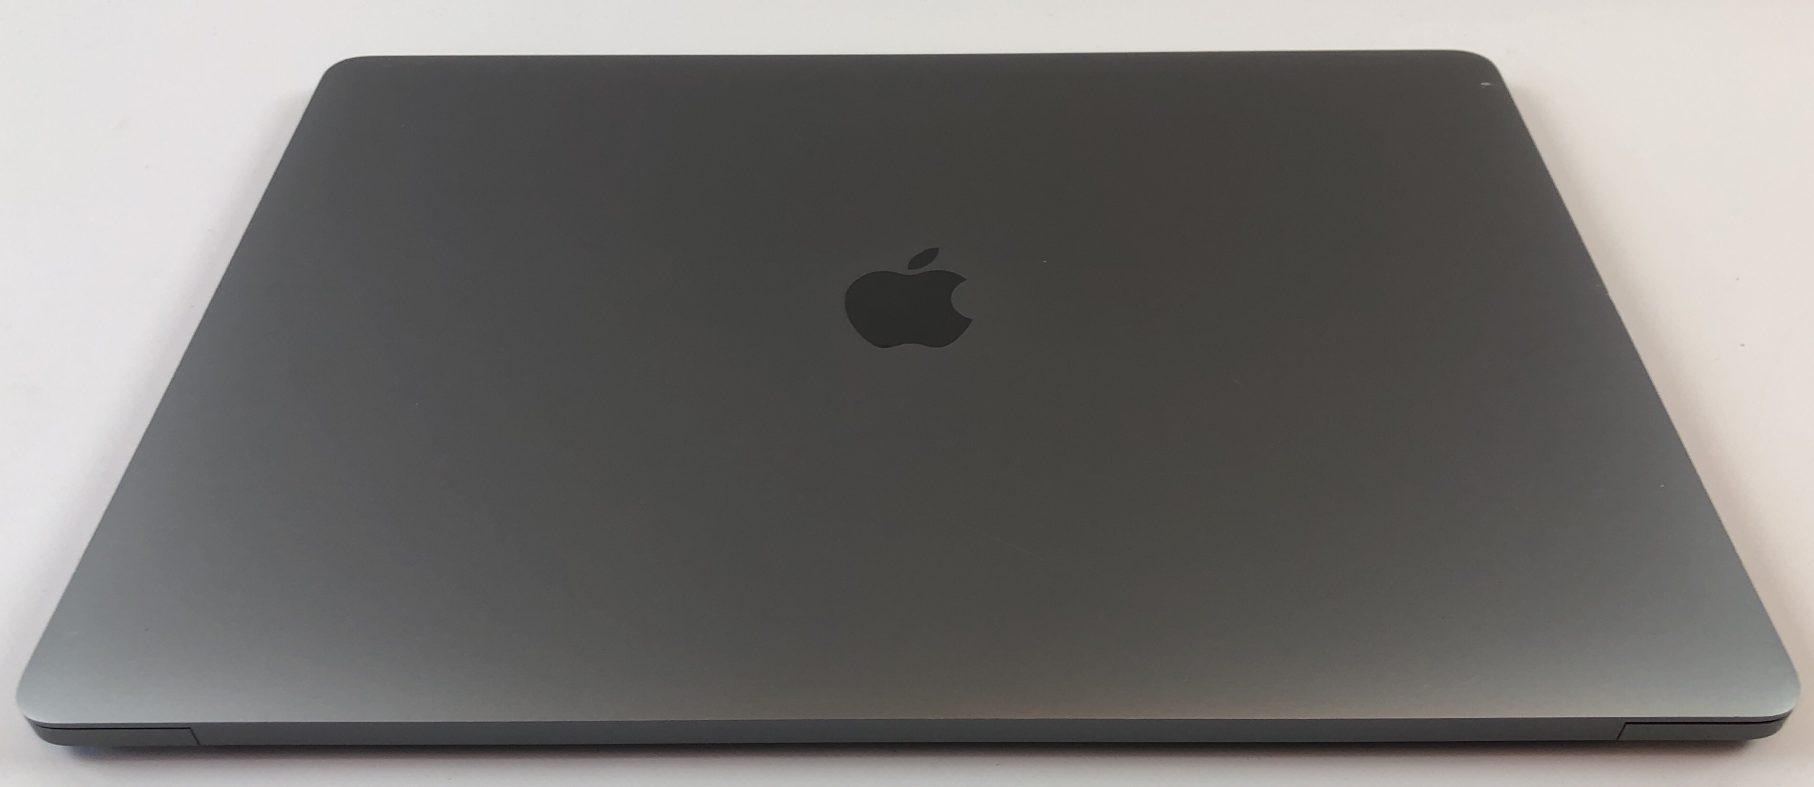 """MacBook Pro 15"""" Touch Bar Mid 2017 (Intel Quad-Core i7 3.1 GHz 16 GB RAM 512 GB SSD), Space Gray, Intel Quad-Core i7 3.1 GHz, 16 GB RAM, 512 GB SSD, Kuva 2"""